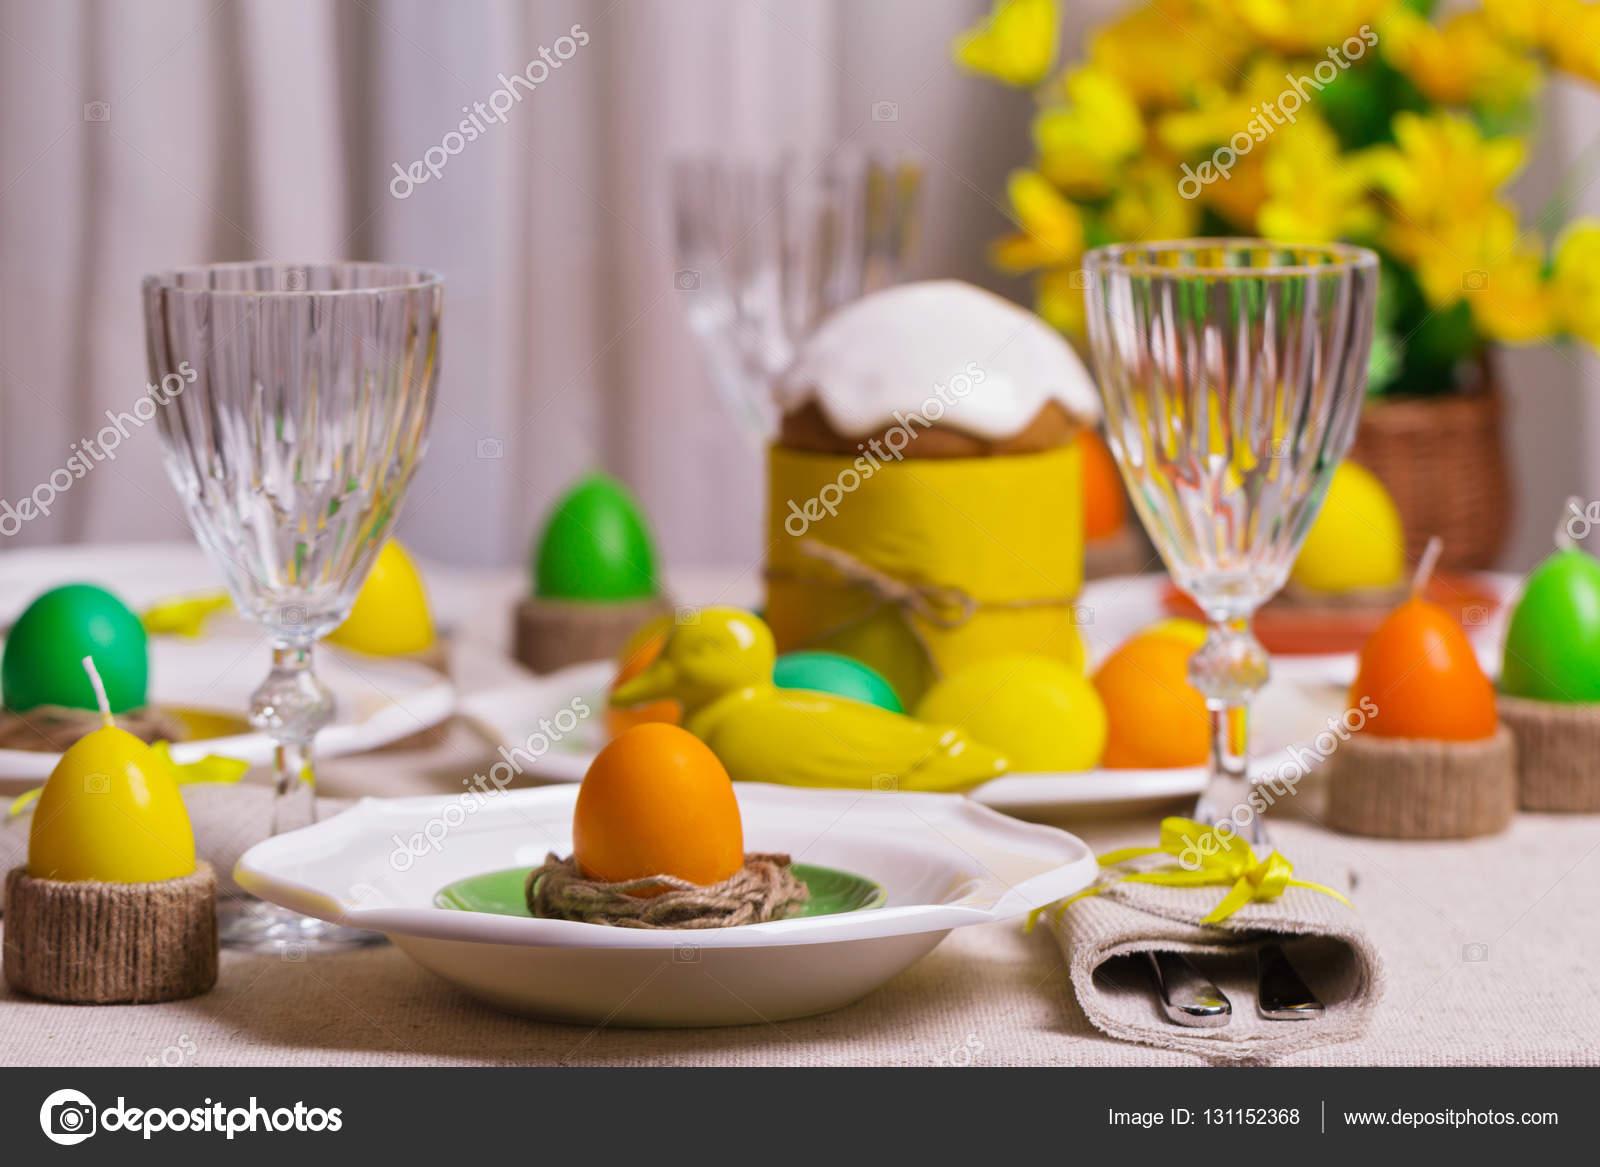 Buona pasqua che serve per la tavola di pasqua nell 39 arredamento giallo foto stock - La tavola di pasqua ...